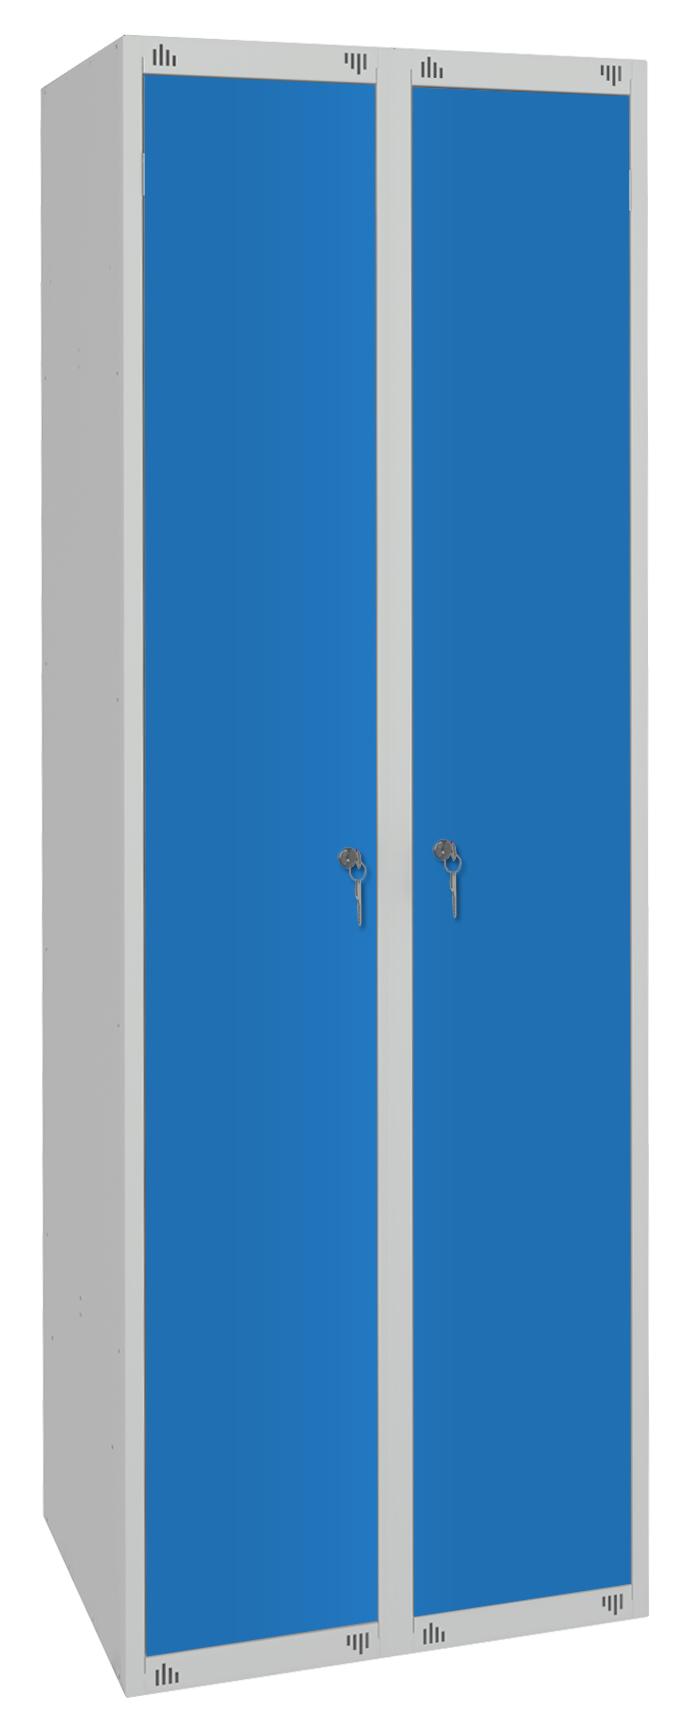 Шкаф для одежды ШР22 с выдвижной скамьей сварной